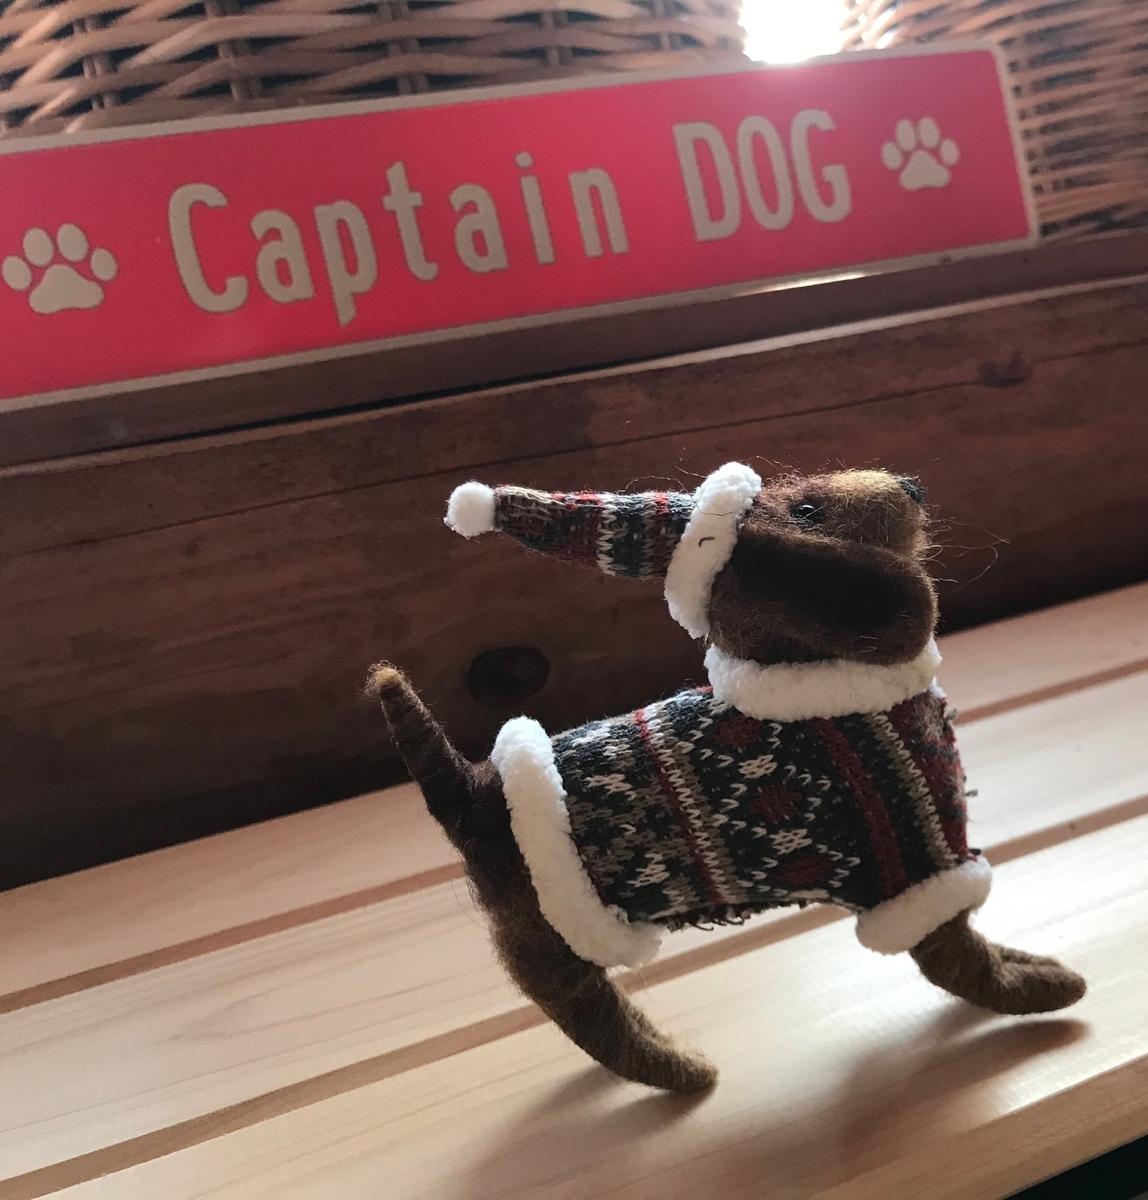 f:id:captaindog082:20191112163439j:plain